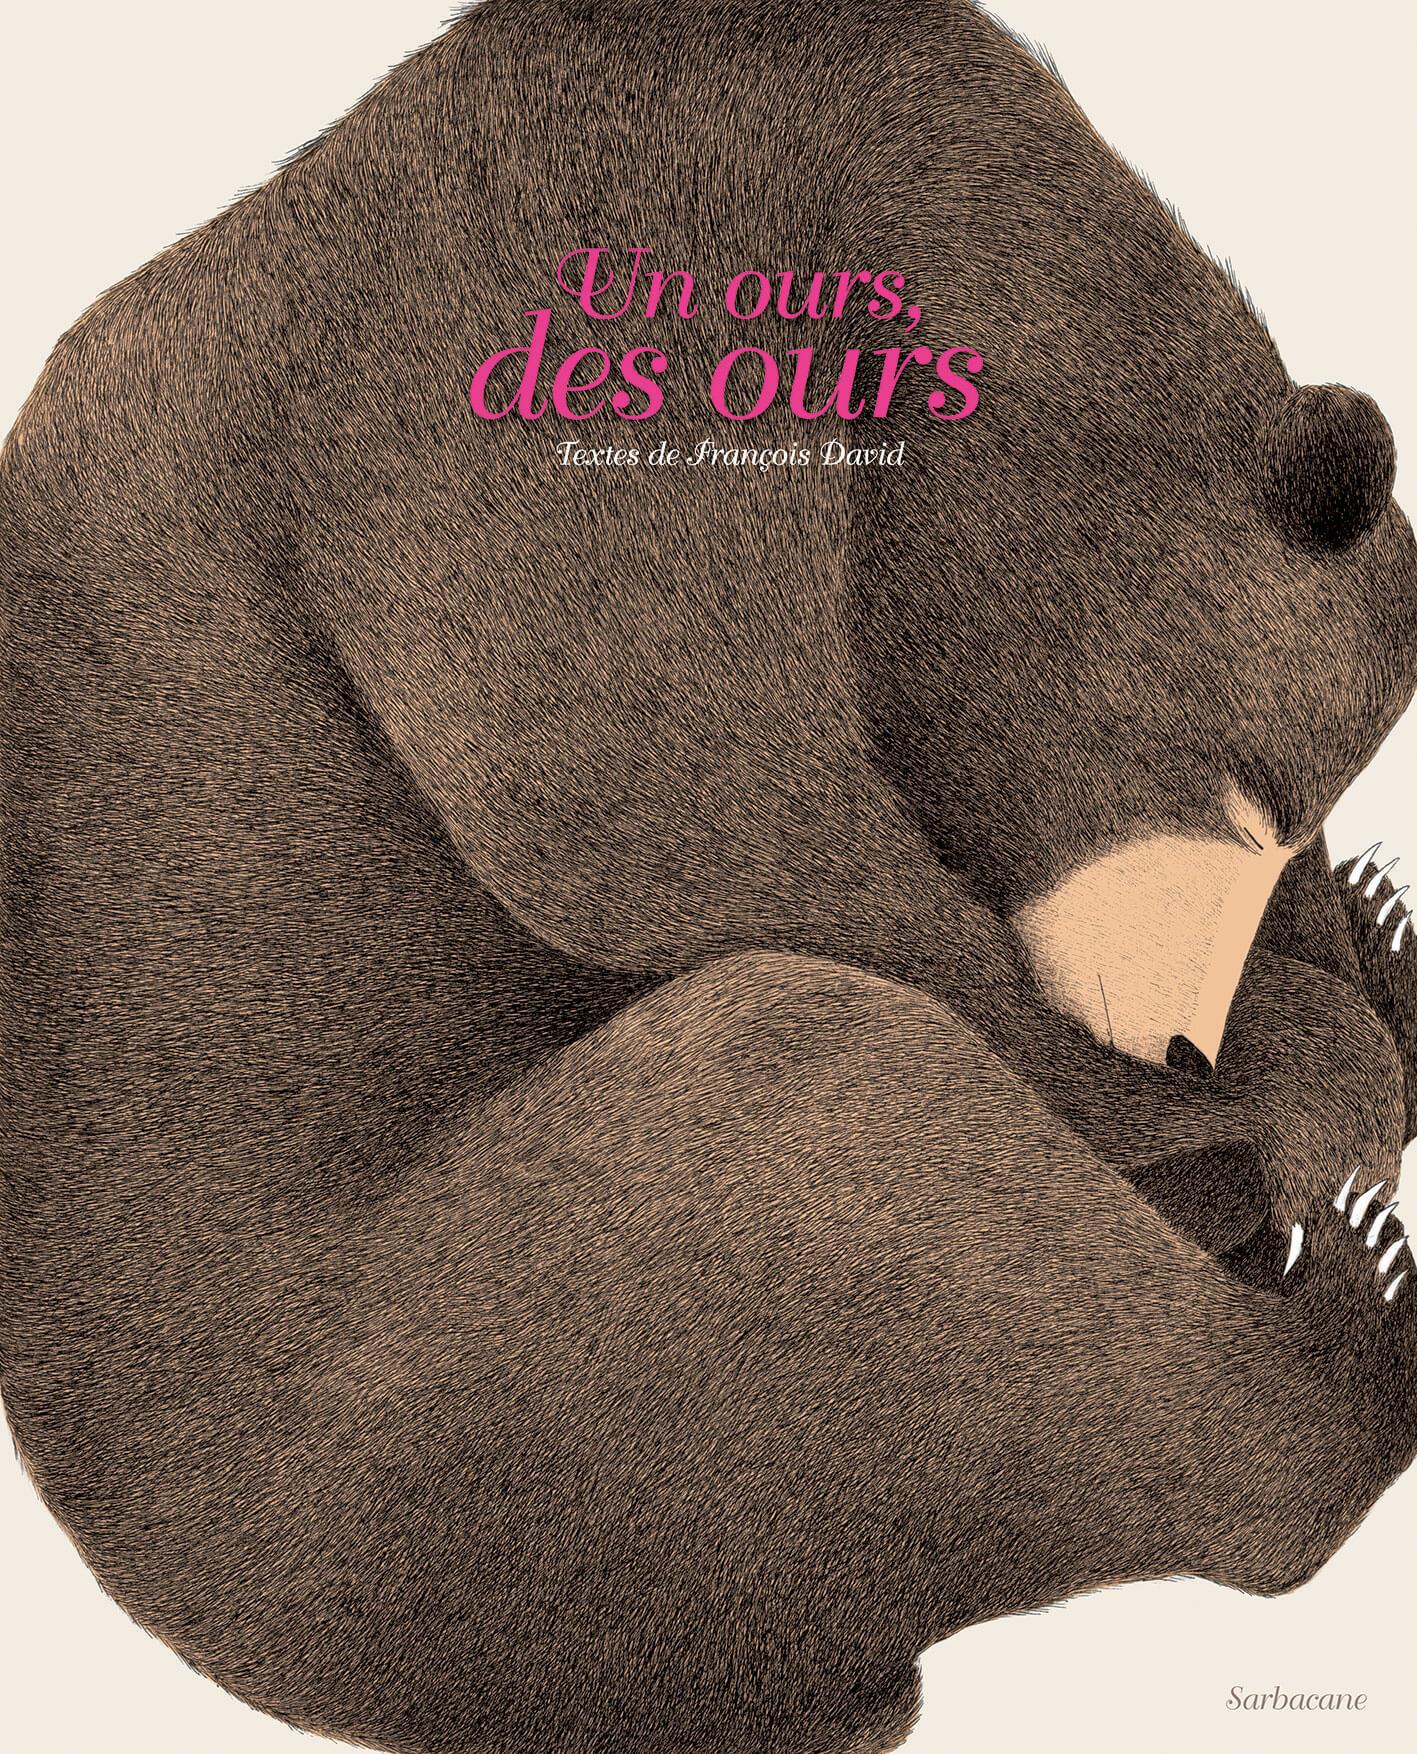 biblio_un-ours-des-ours